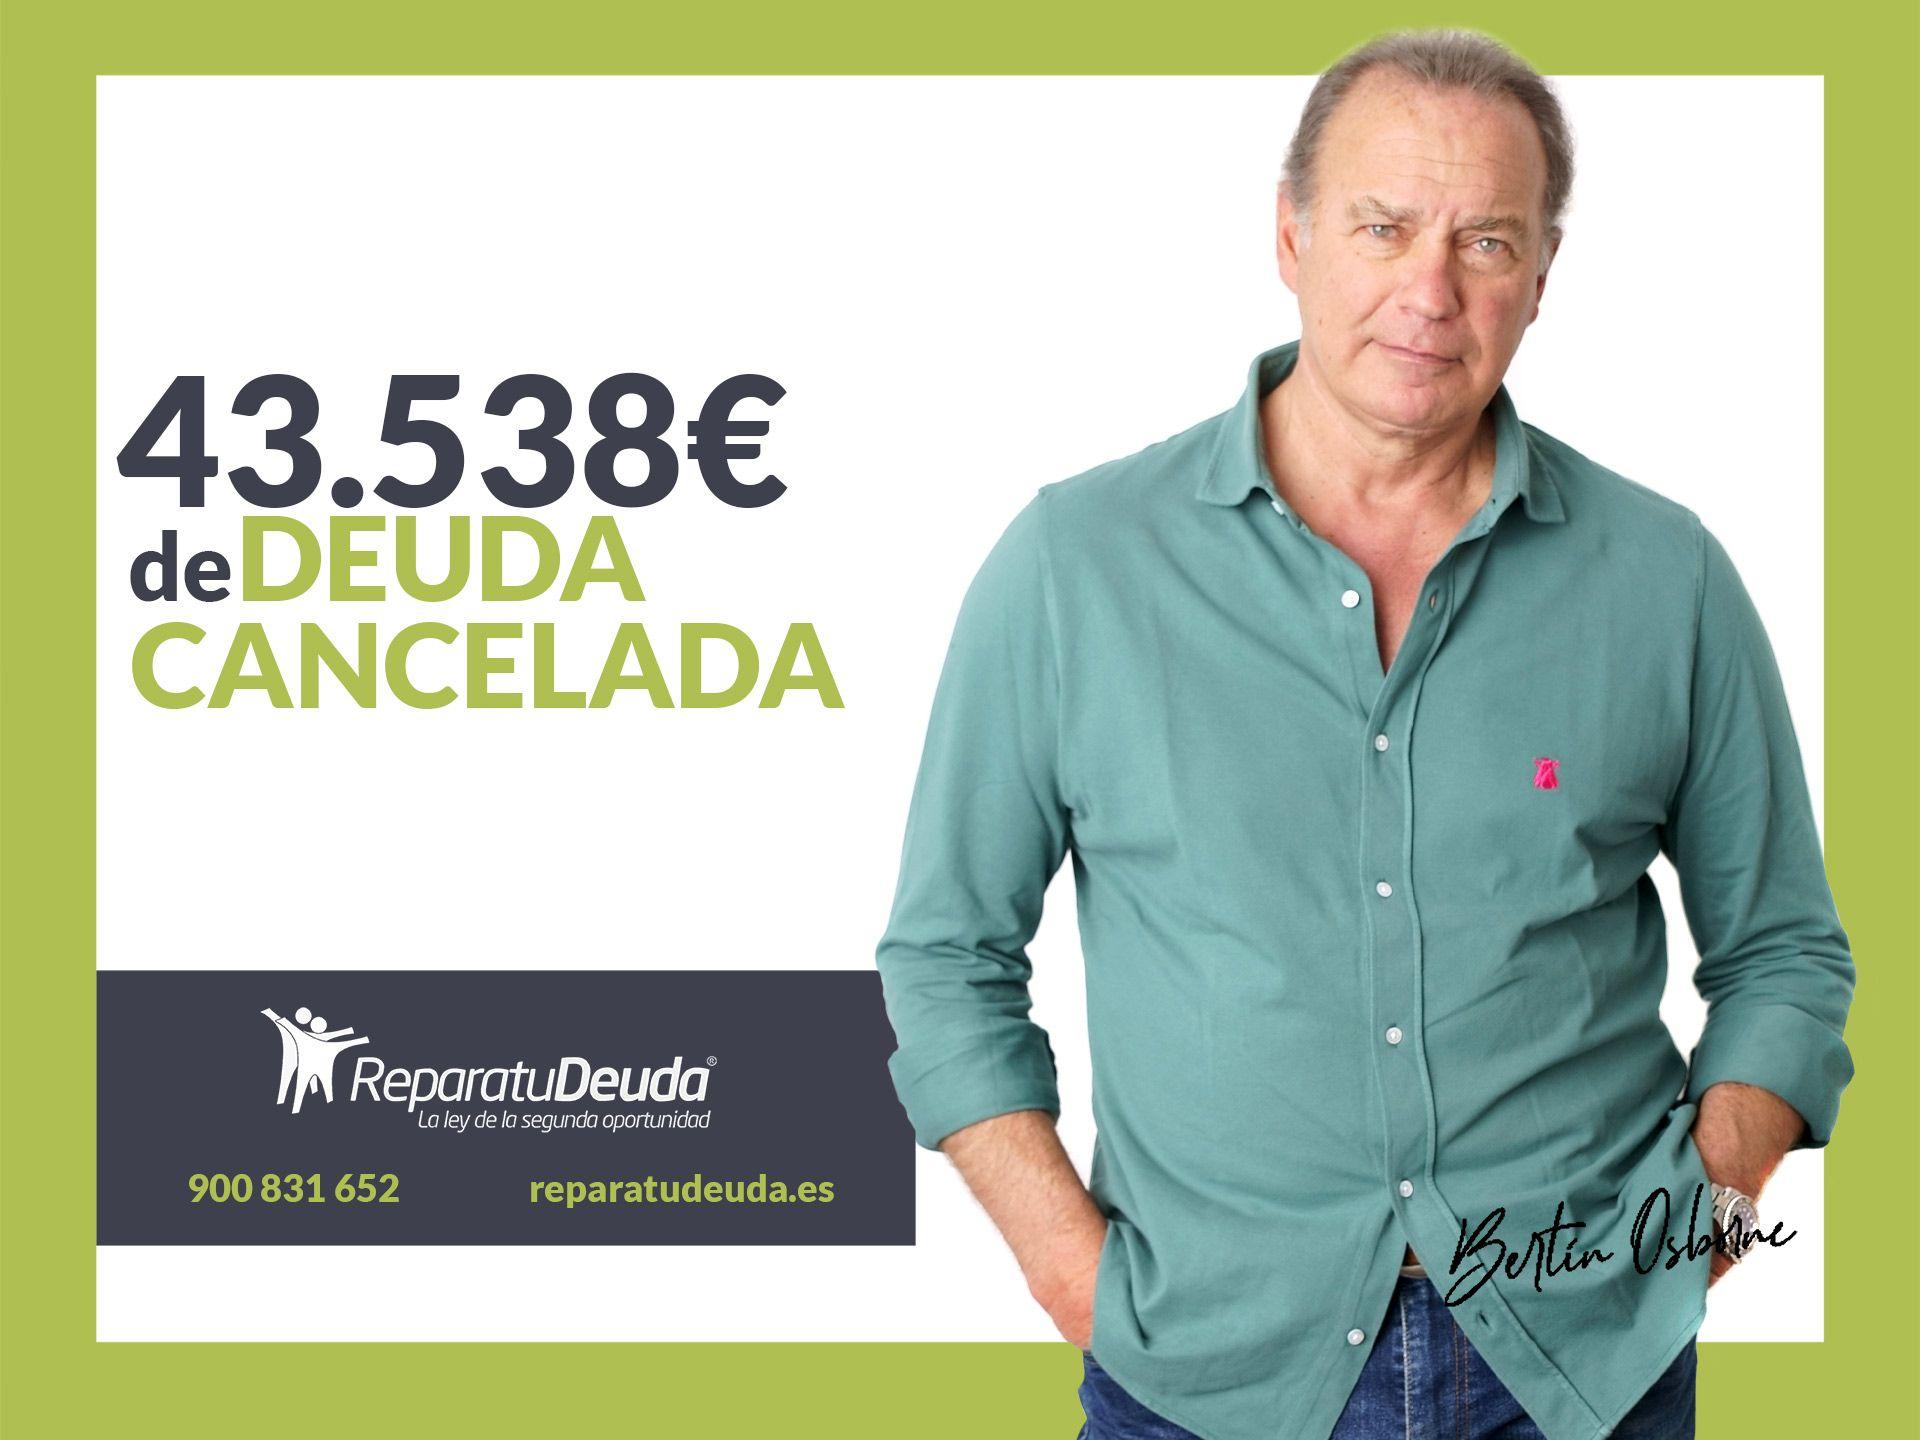 Repara tu Deuda cancela 43.538 € con deuda pública en Alicante con la Ley de la Segunda Oportunidad